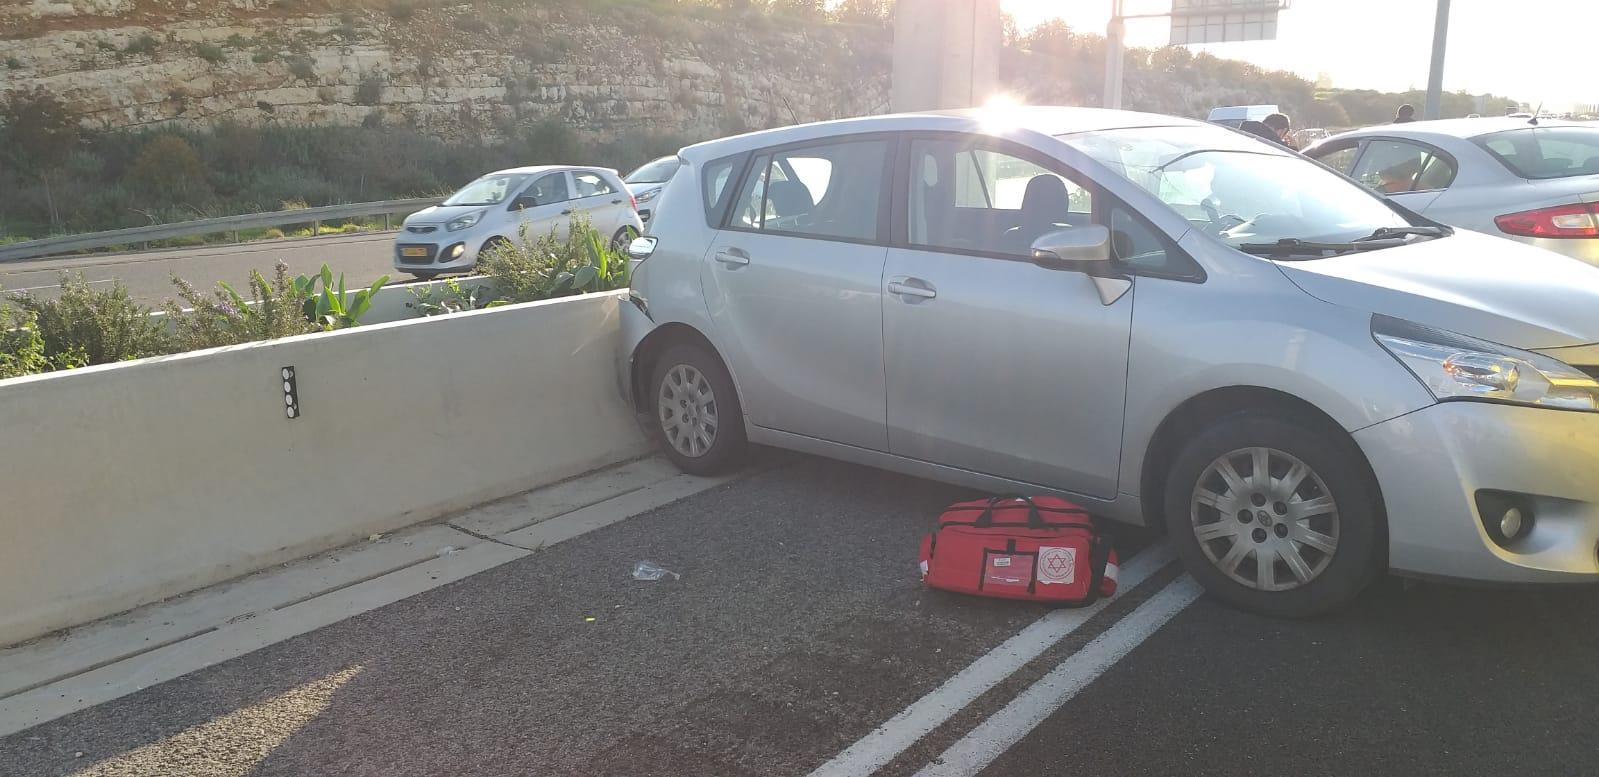 רכב התנגש במעקה בטיחות סמוך למחלף נחשונים – הנהג נפצע באורח בינוני